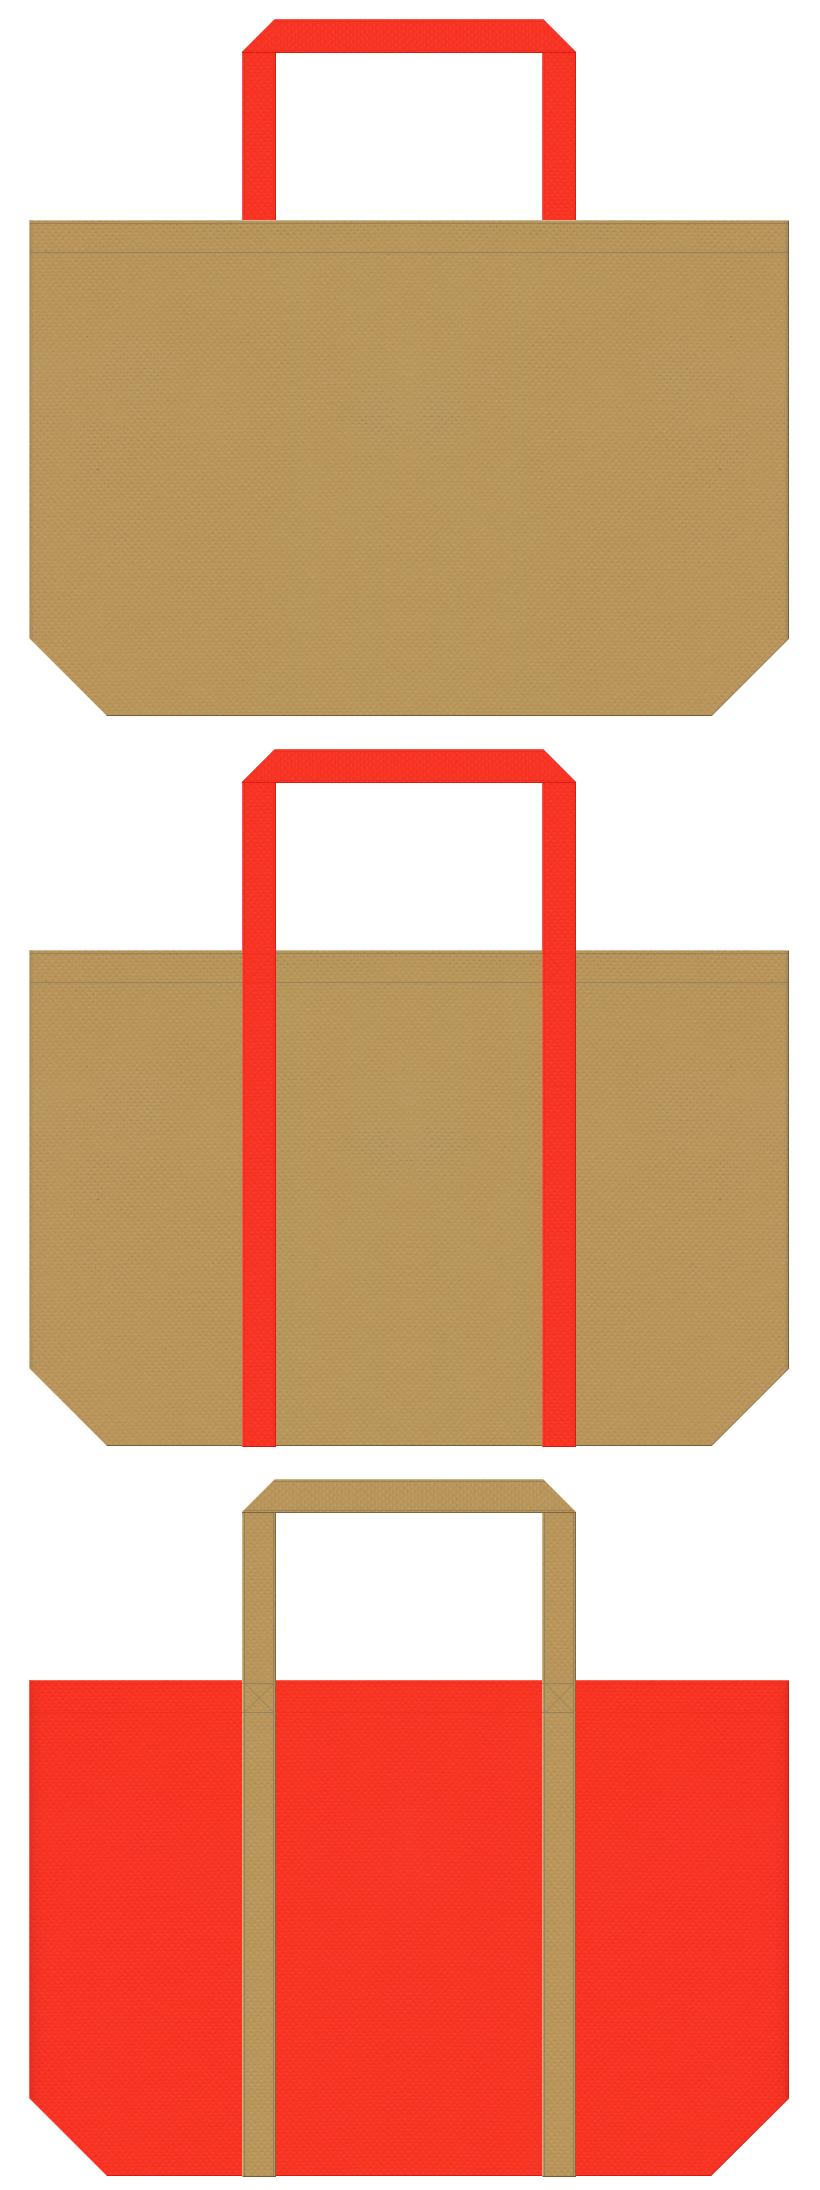 金色系黄土色とオレンジ色の不織布ショッピングバッグデザイン。